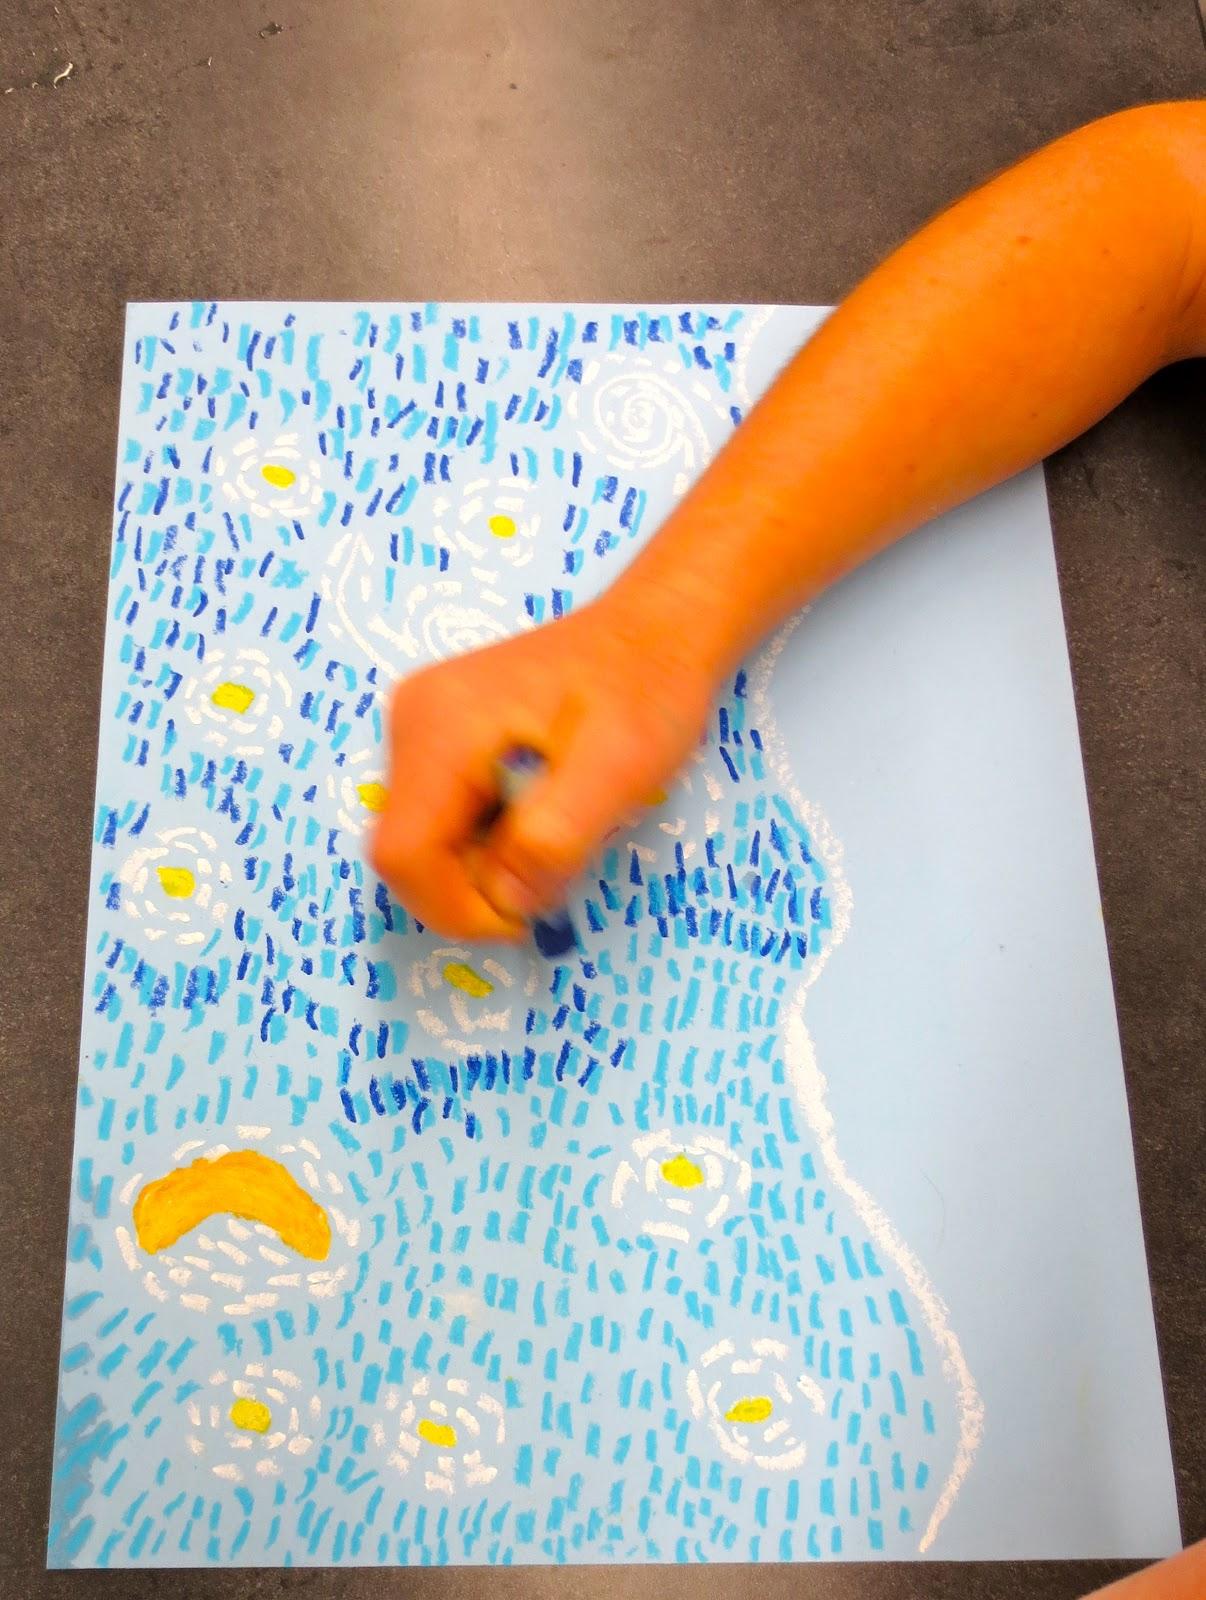 Zilker Elementary Art Class 1st Grade Starry Night Over Austin